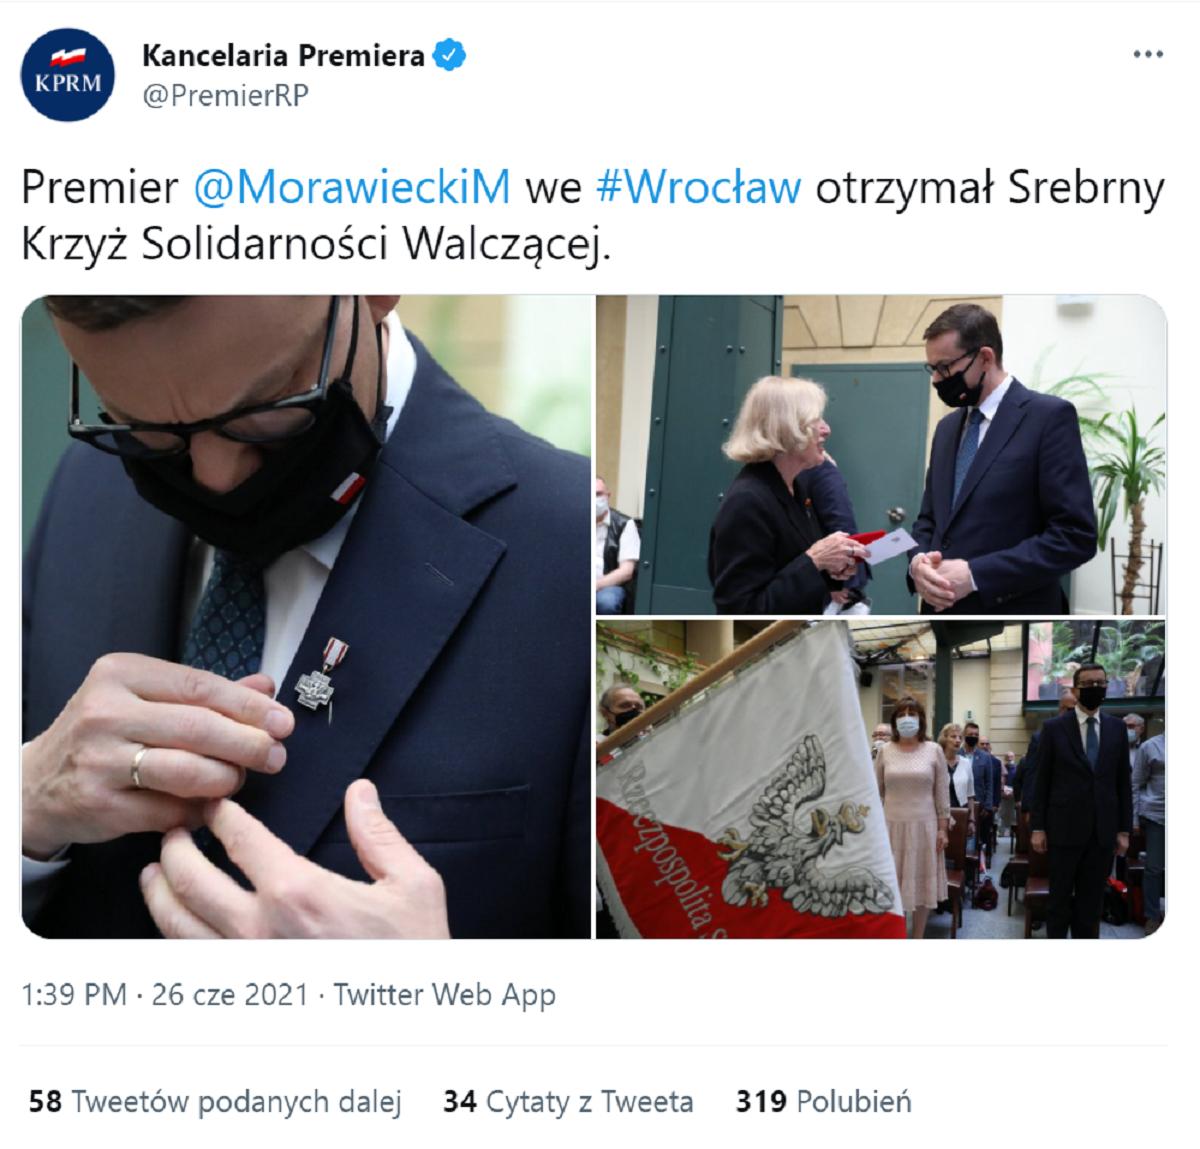 Morawiecki odznaczony Krzyżem Solidarności Walczącej